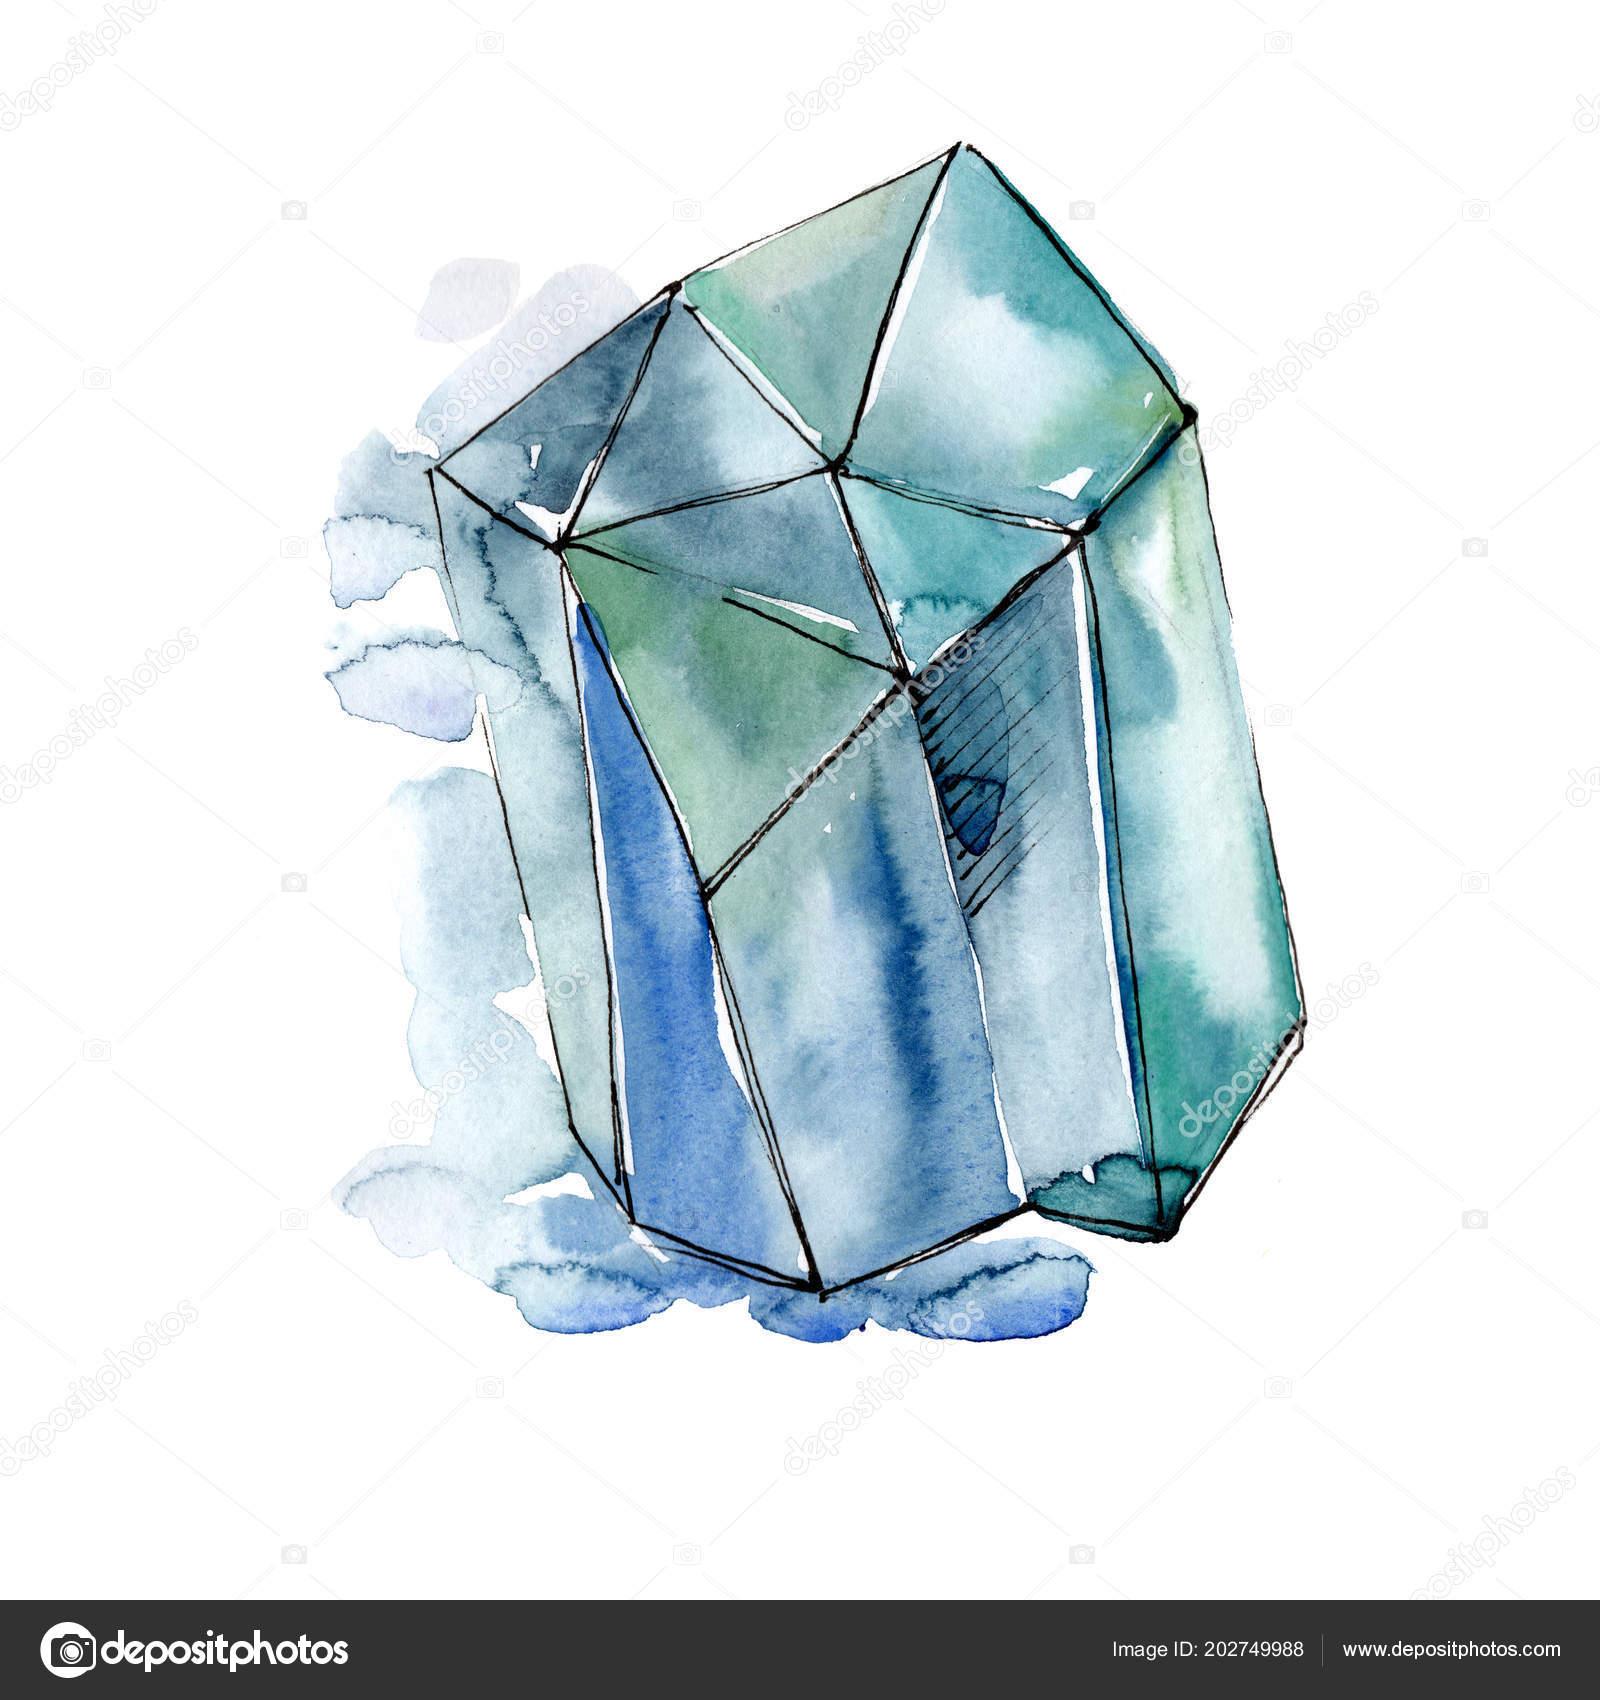 0e7016410 Kék gyémánt rock ékszerek ásványi. — Stock Fotó © MyStocks #202749988